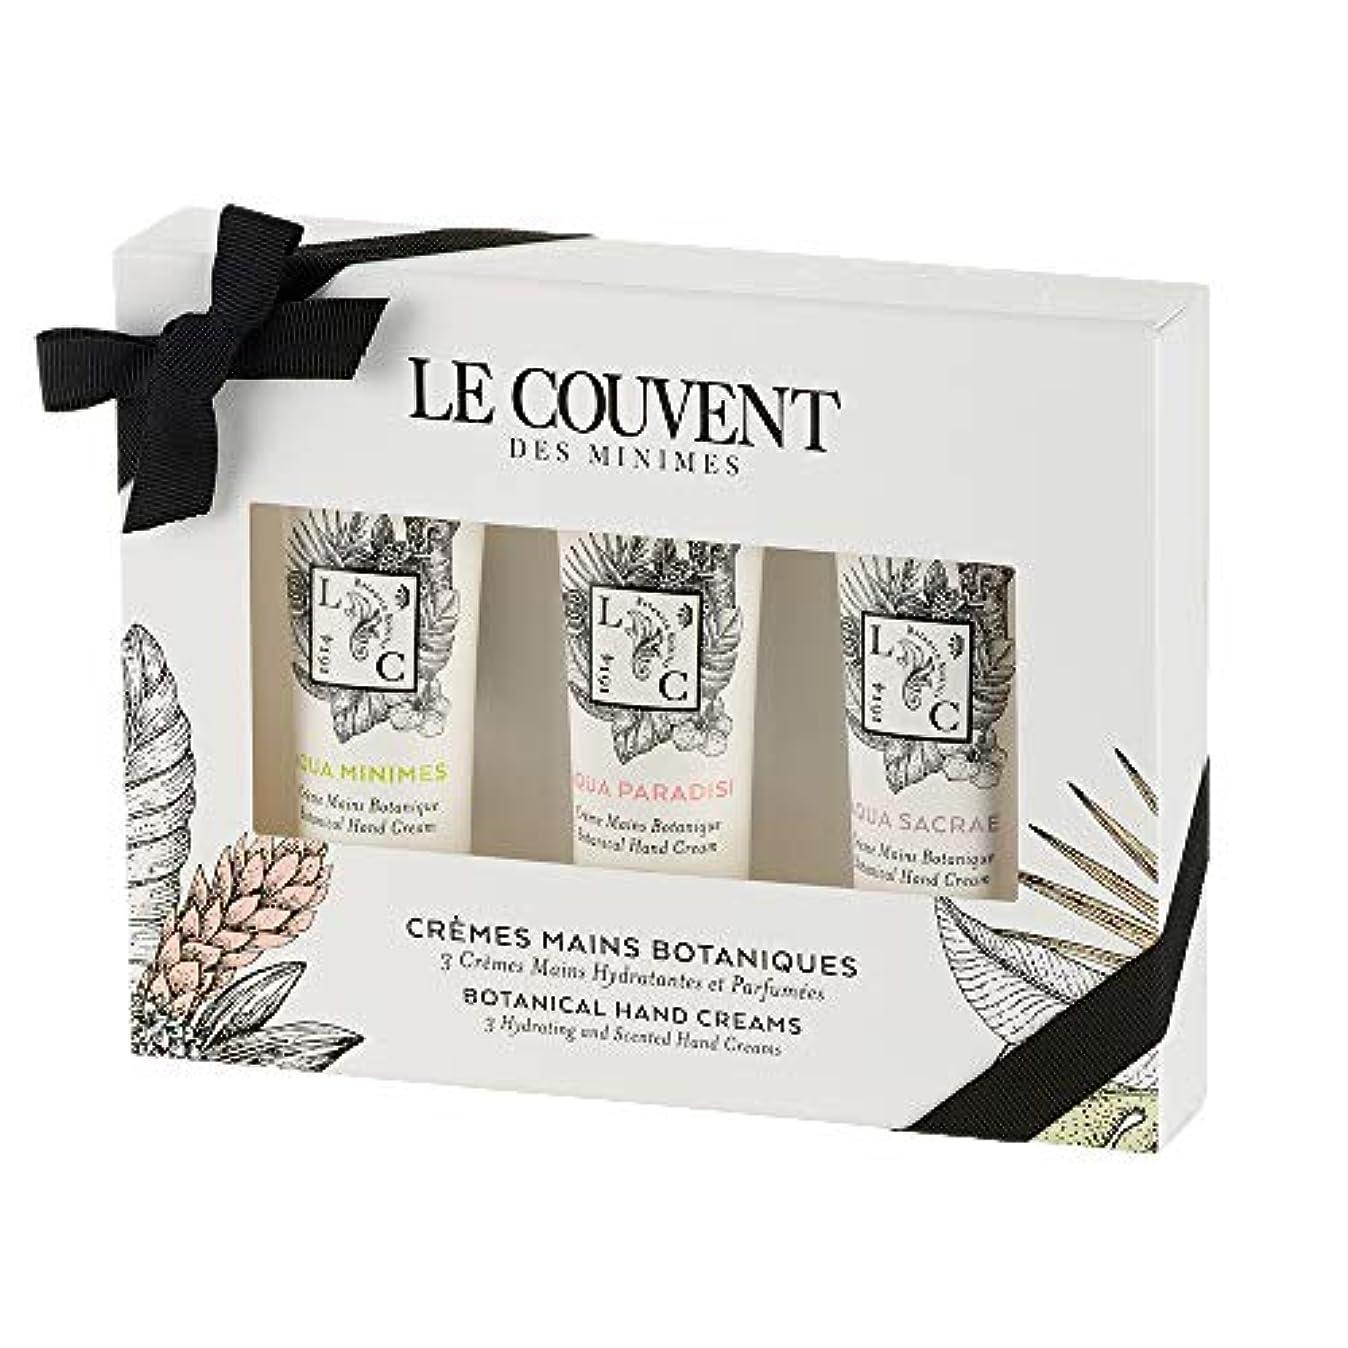 アンケート環境に優しいドライブクヴォン?デ?ミニム(Le Couvent des Minimes) ボタニカル ハンドクリームセット アクアミニム ハンドクリーム、アクアパラディシ ハンドクリーム、アクアサクラエ ハンドクリーム 各30mL